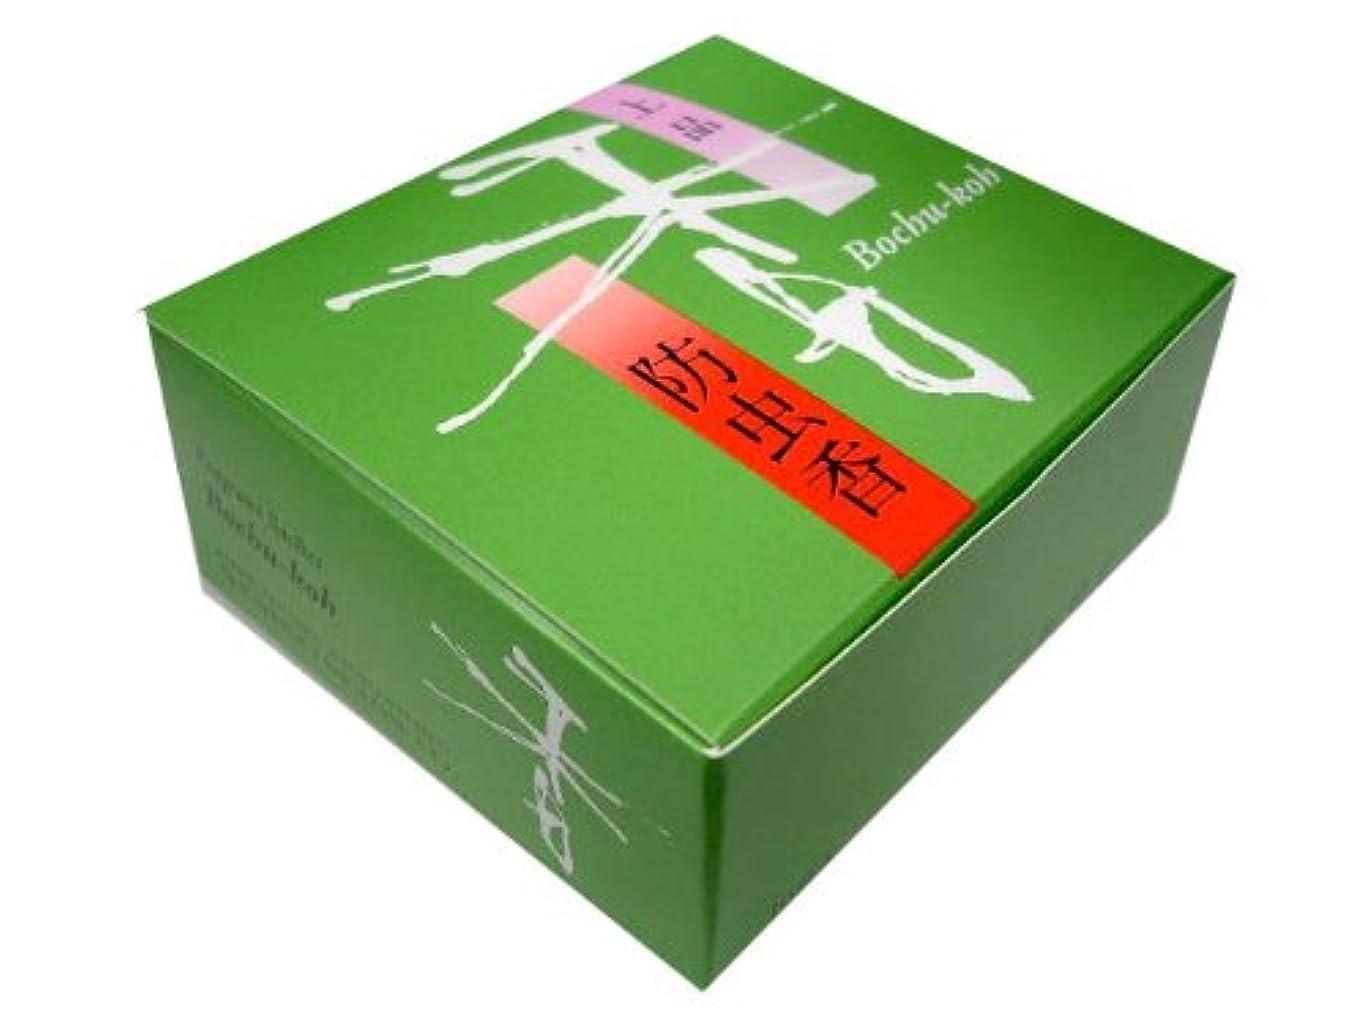 忘れっぽい意欲間違っている松栄堂の防虫香 上品 防虫香 10袋入 #520138